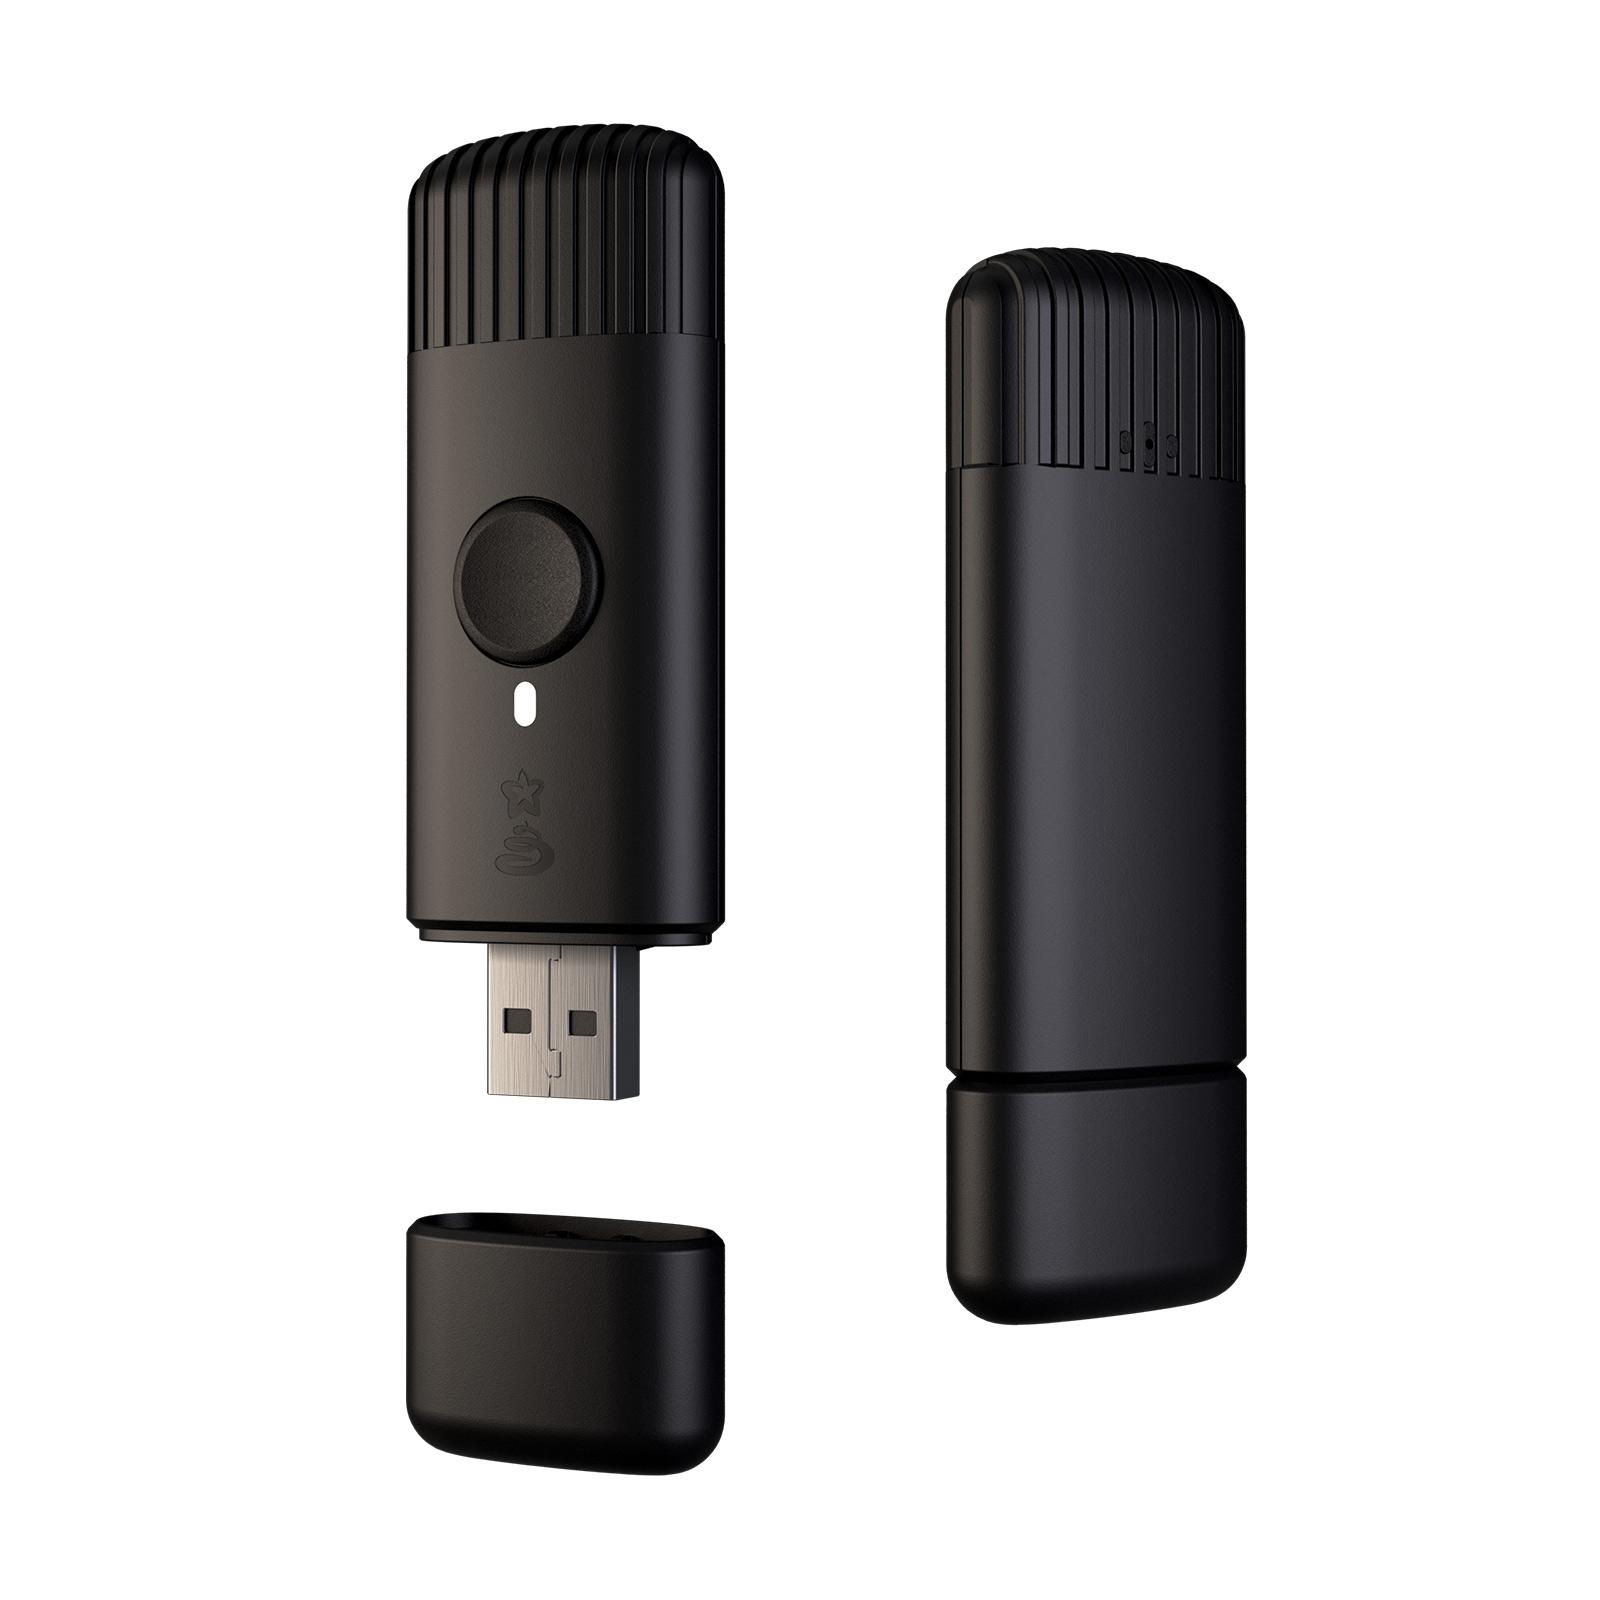 Musiksensor til Twinkly, USB, sort